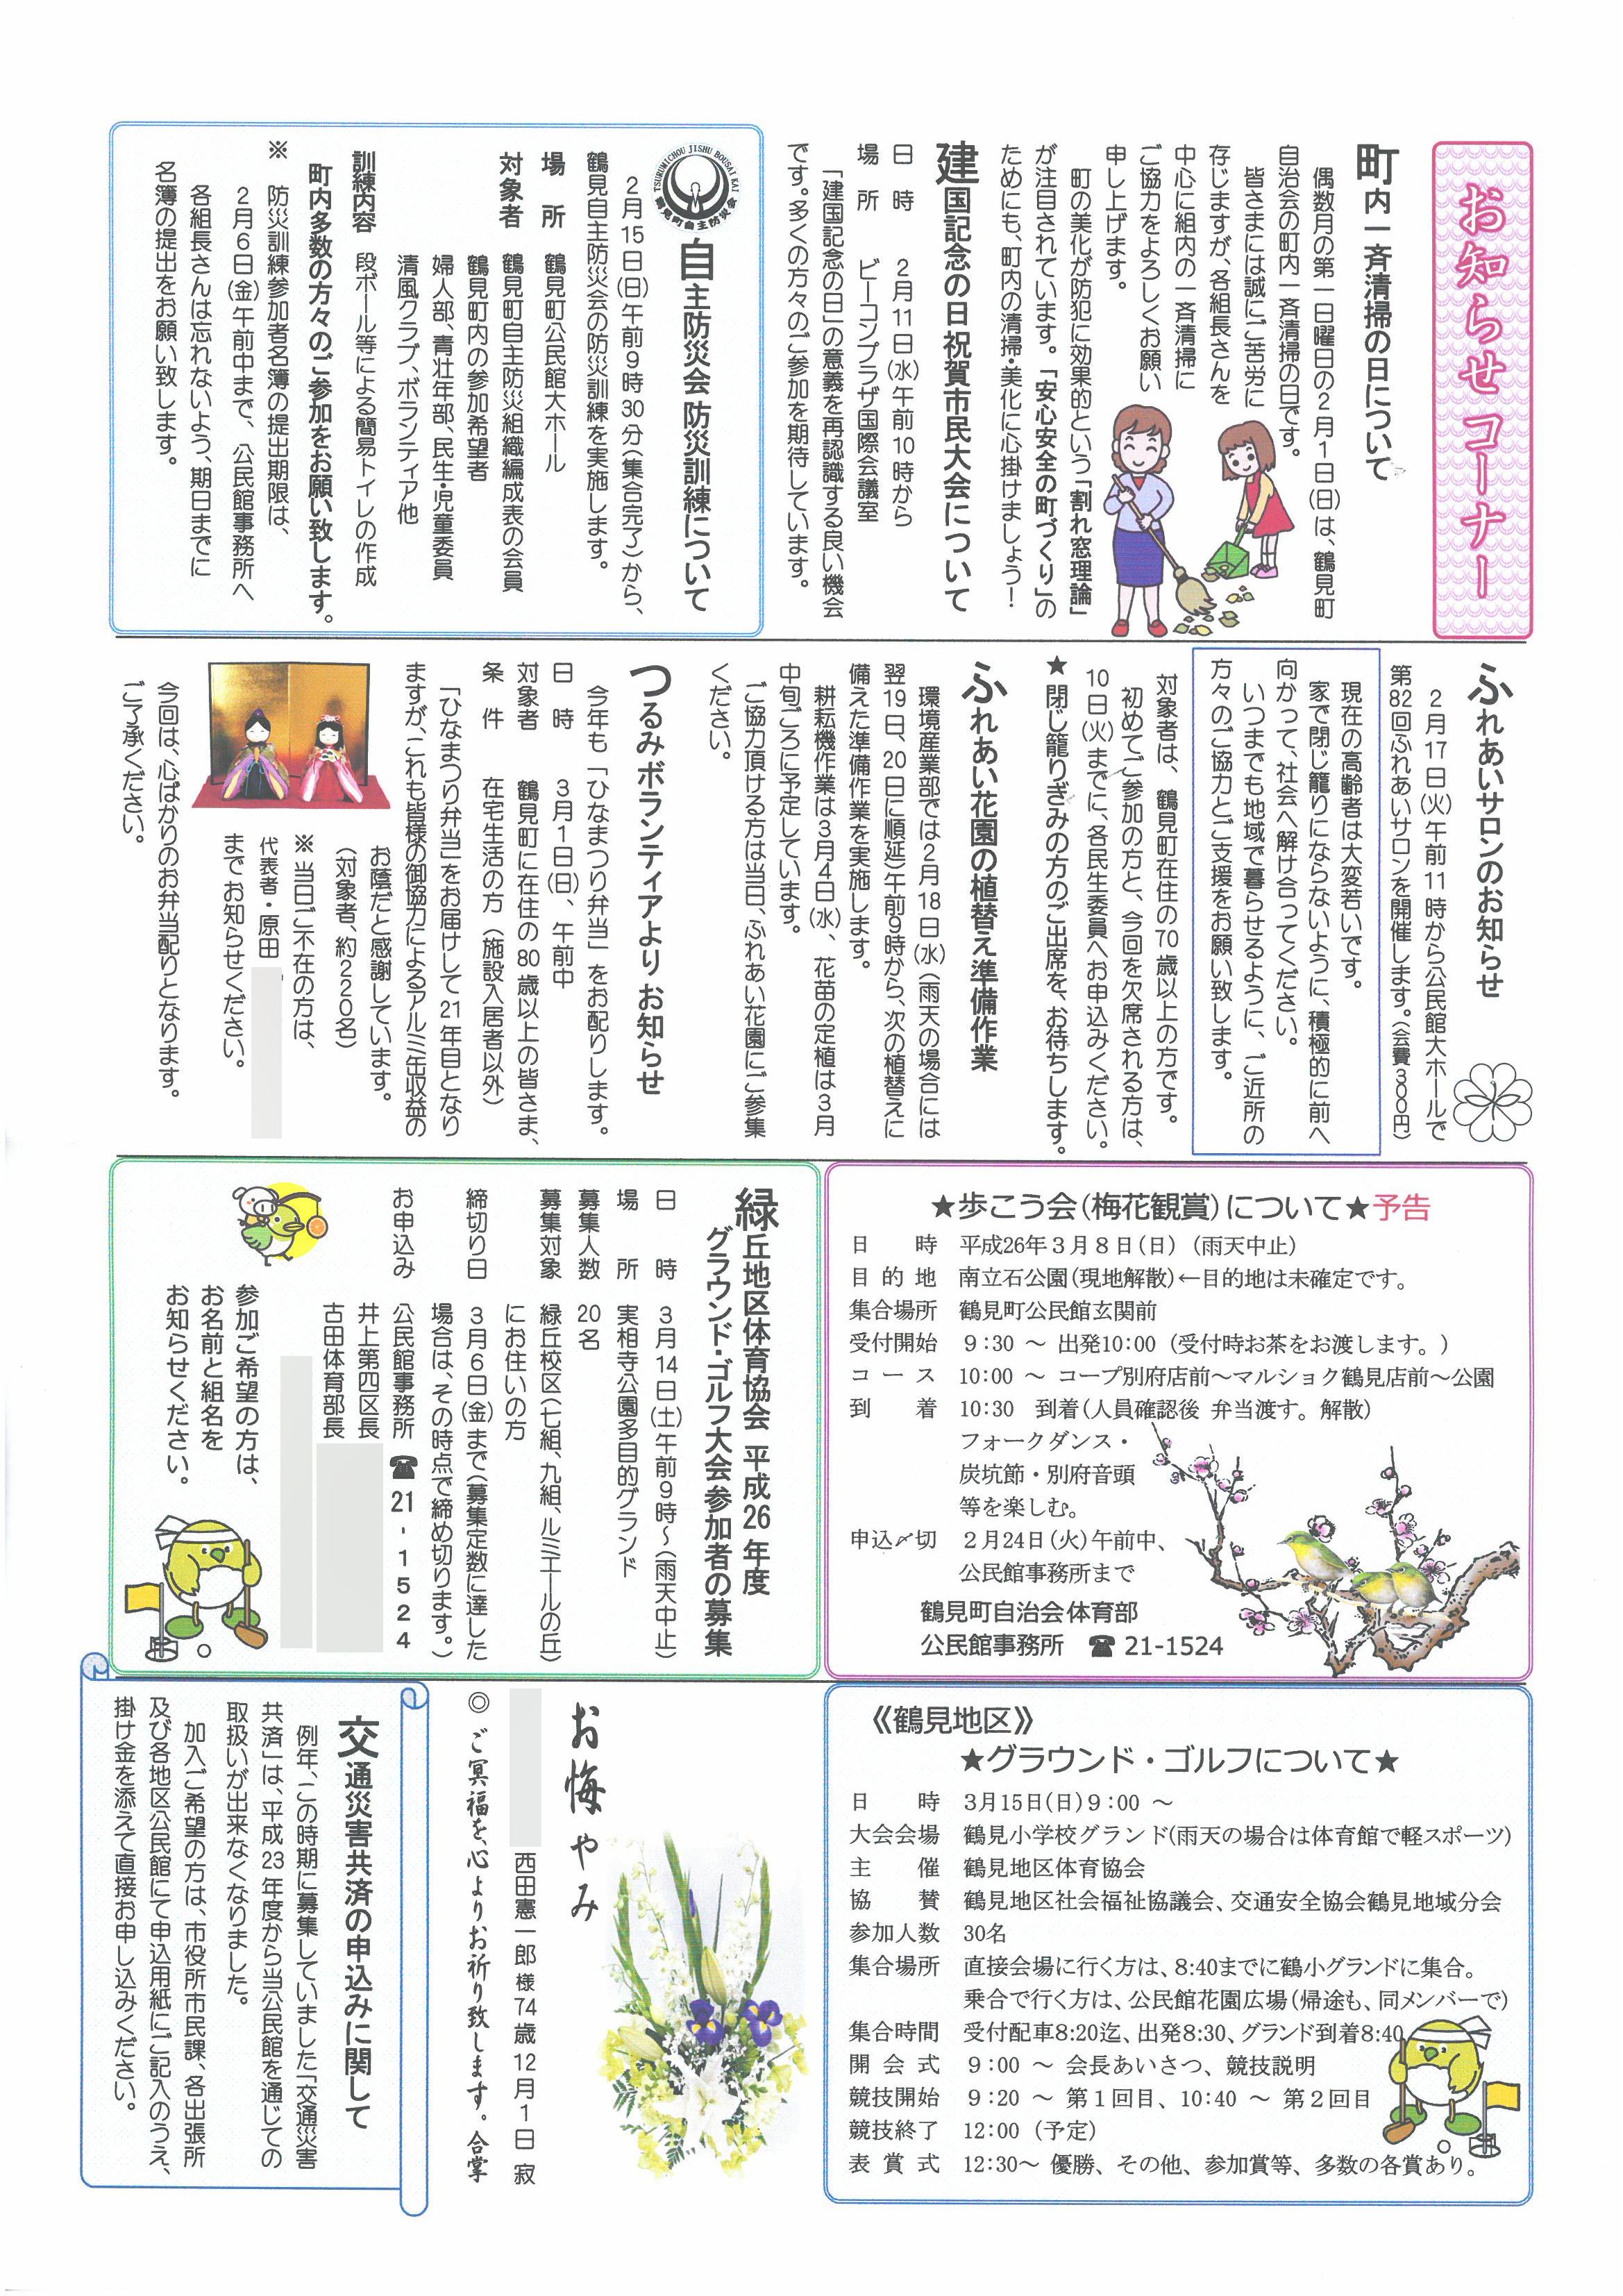 tsurumi2015_02_02